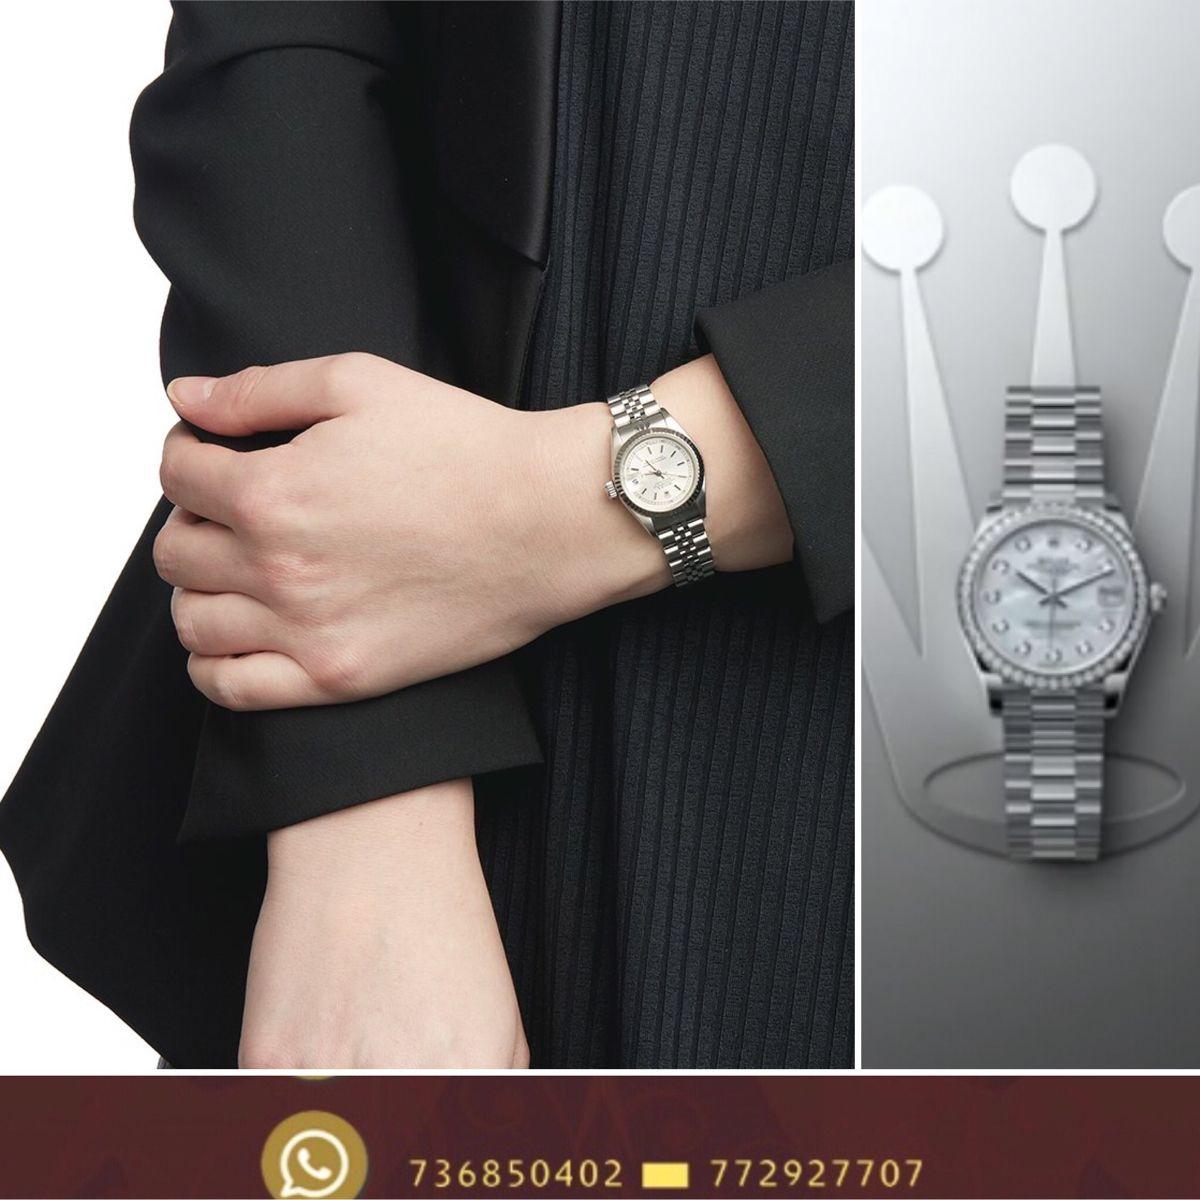 ساعات رولكس نسائي كوبي ساعة صنعاء هدية Mesh Strap Watch Mesh Strap Cluse Watch